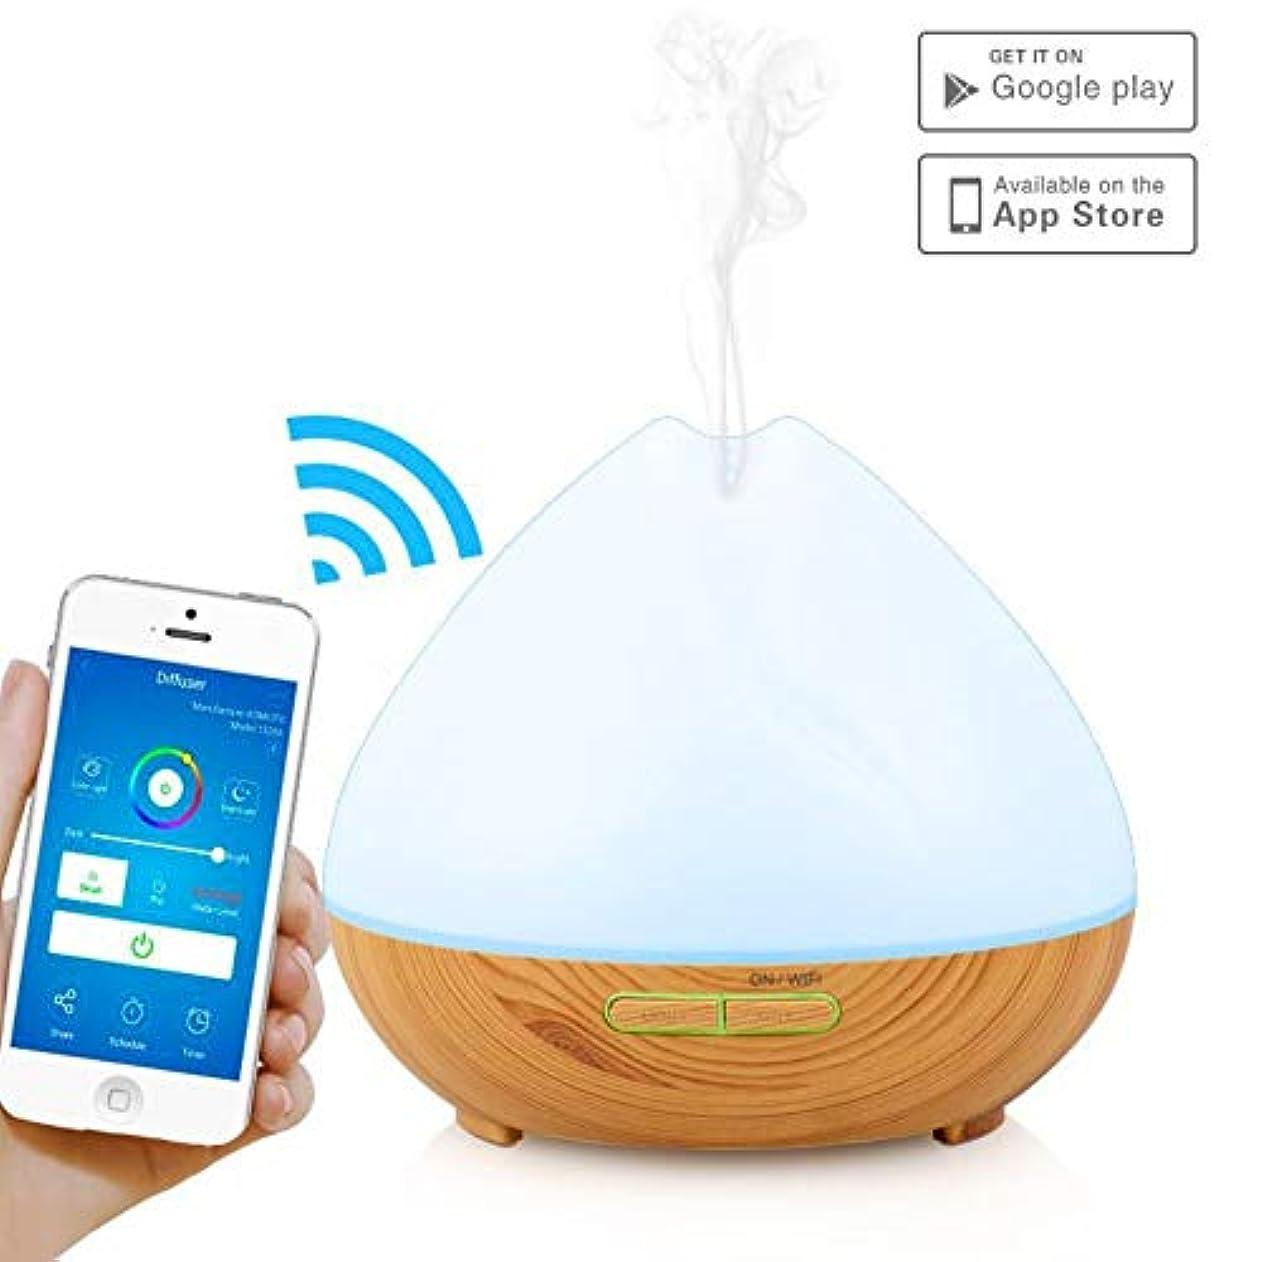 プレゼン先応答スマートWifiワイヤレスエッセンシャルオイルアロマセラピー400 ml超音波ディフューザーと加湿器AlexaとGoogle自宅電話アプリと音声制御-スケジュールの作成-LEDとタイマー設定